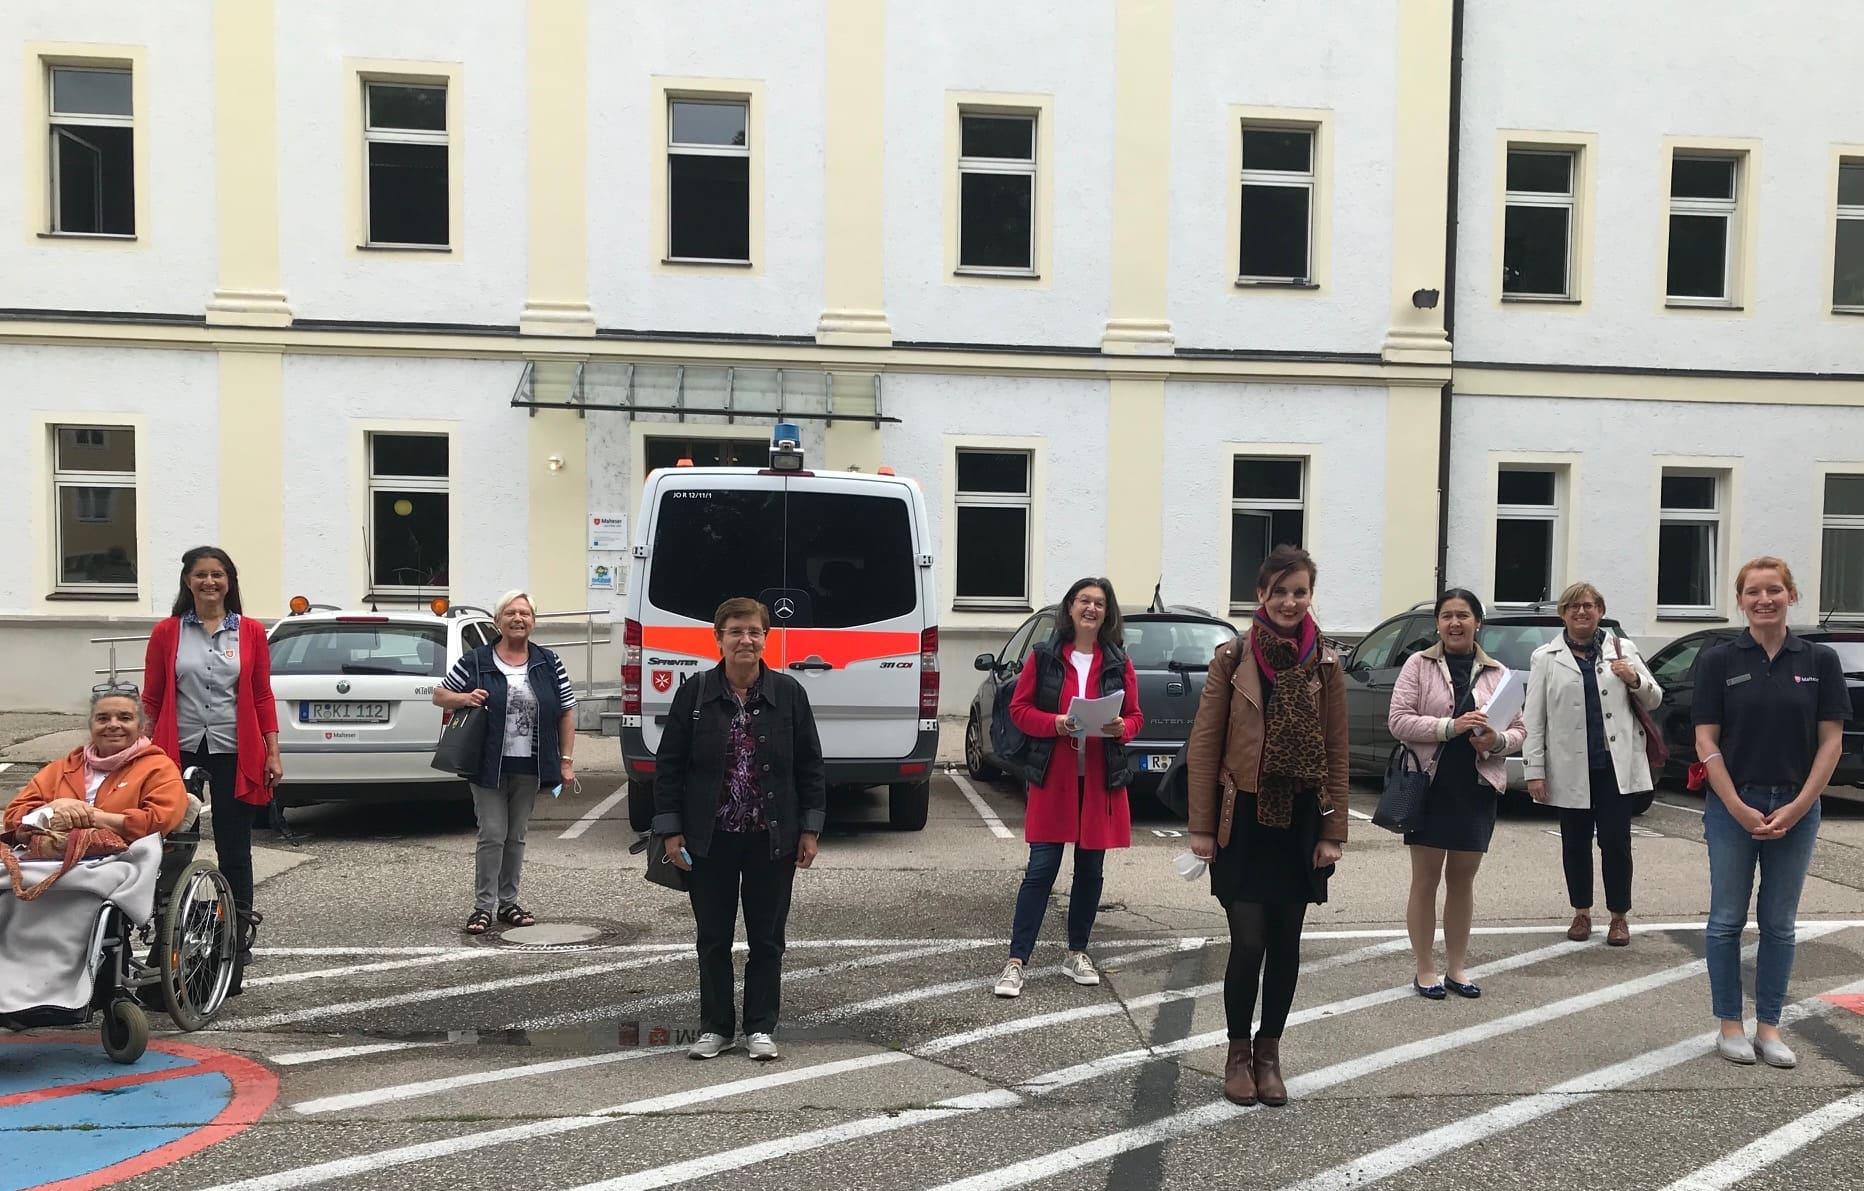 Endlich hört mir jemand zu! Malteser Telefonbesuchsdienst für ältere Menschen in der Region Regensburg